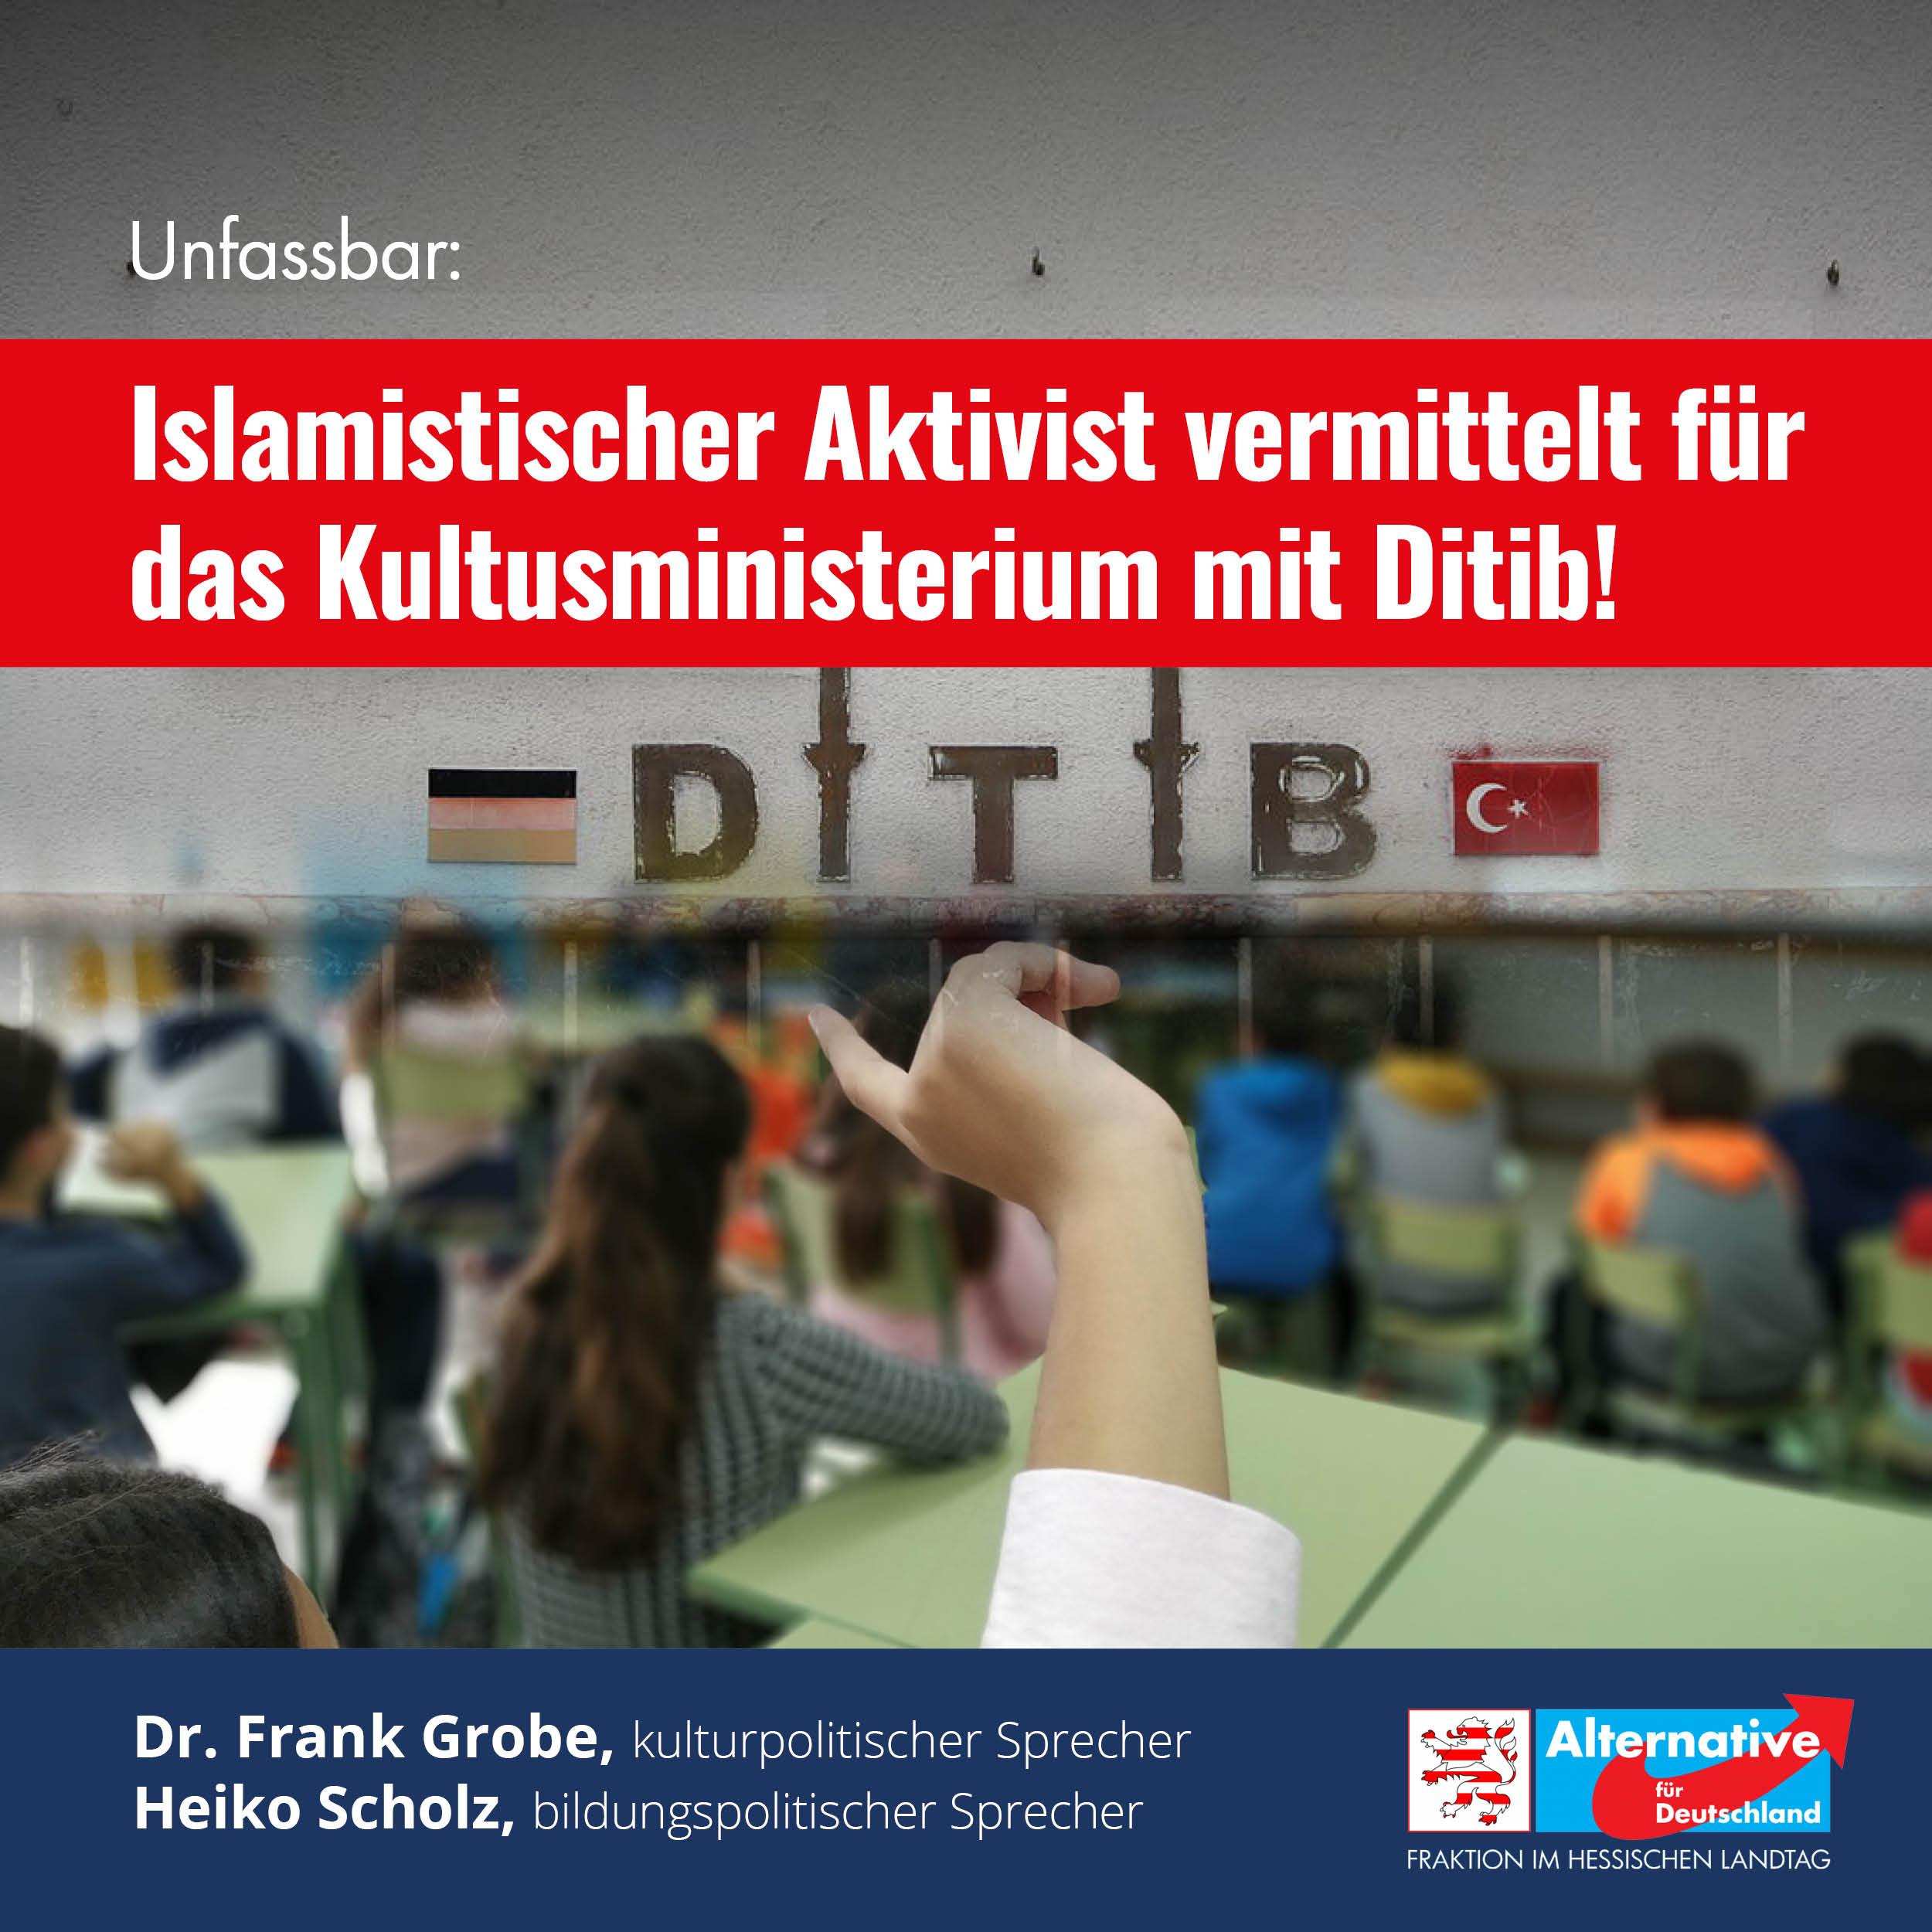 You are currently viewing Islamistischer Aktivist vermittelt zwischen Kultusministerium und Islamverband